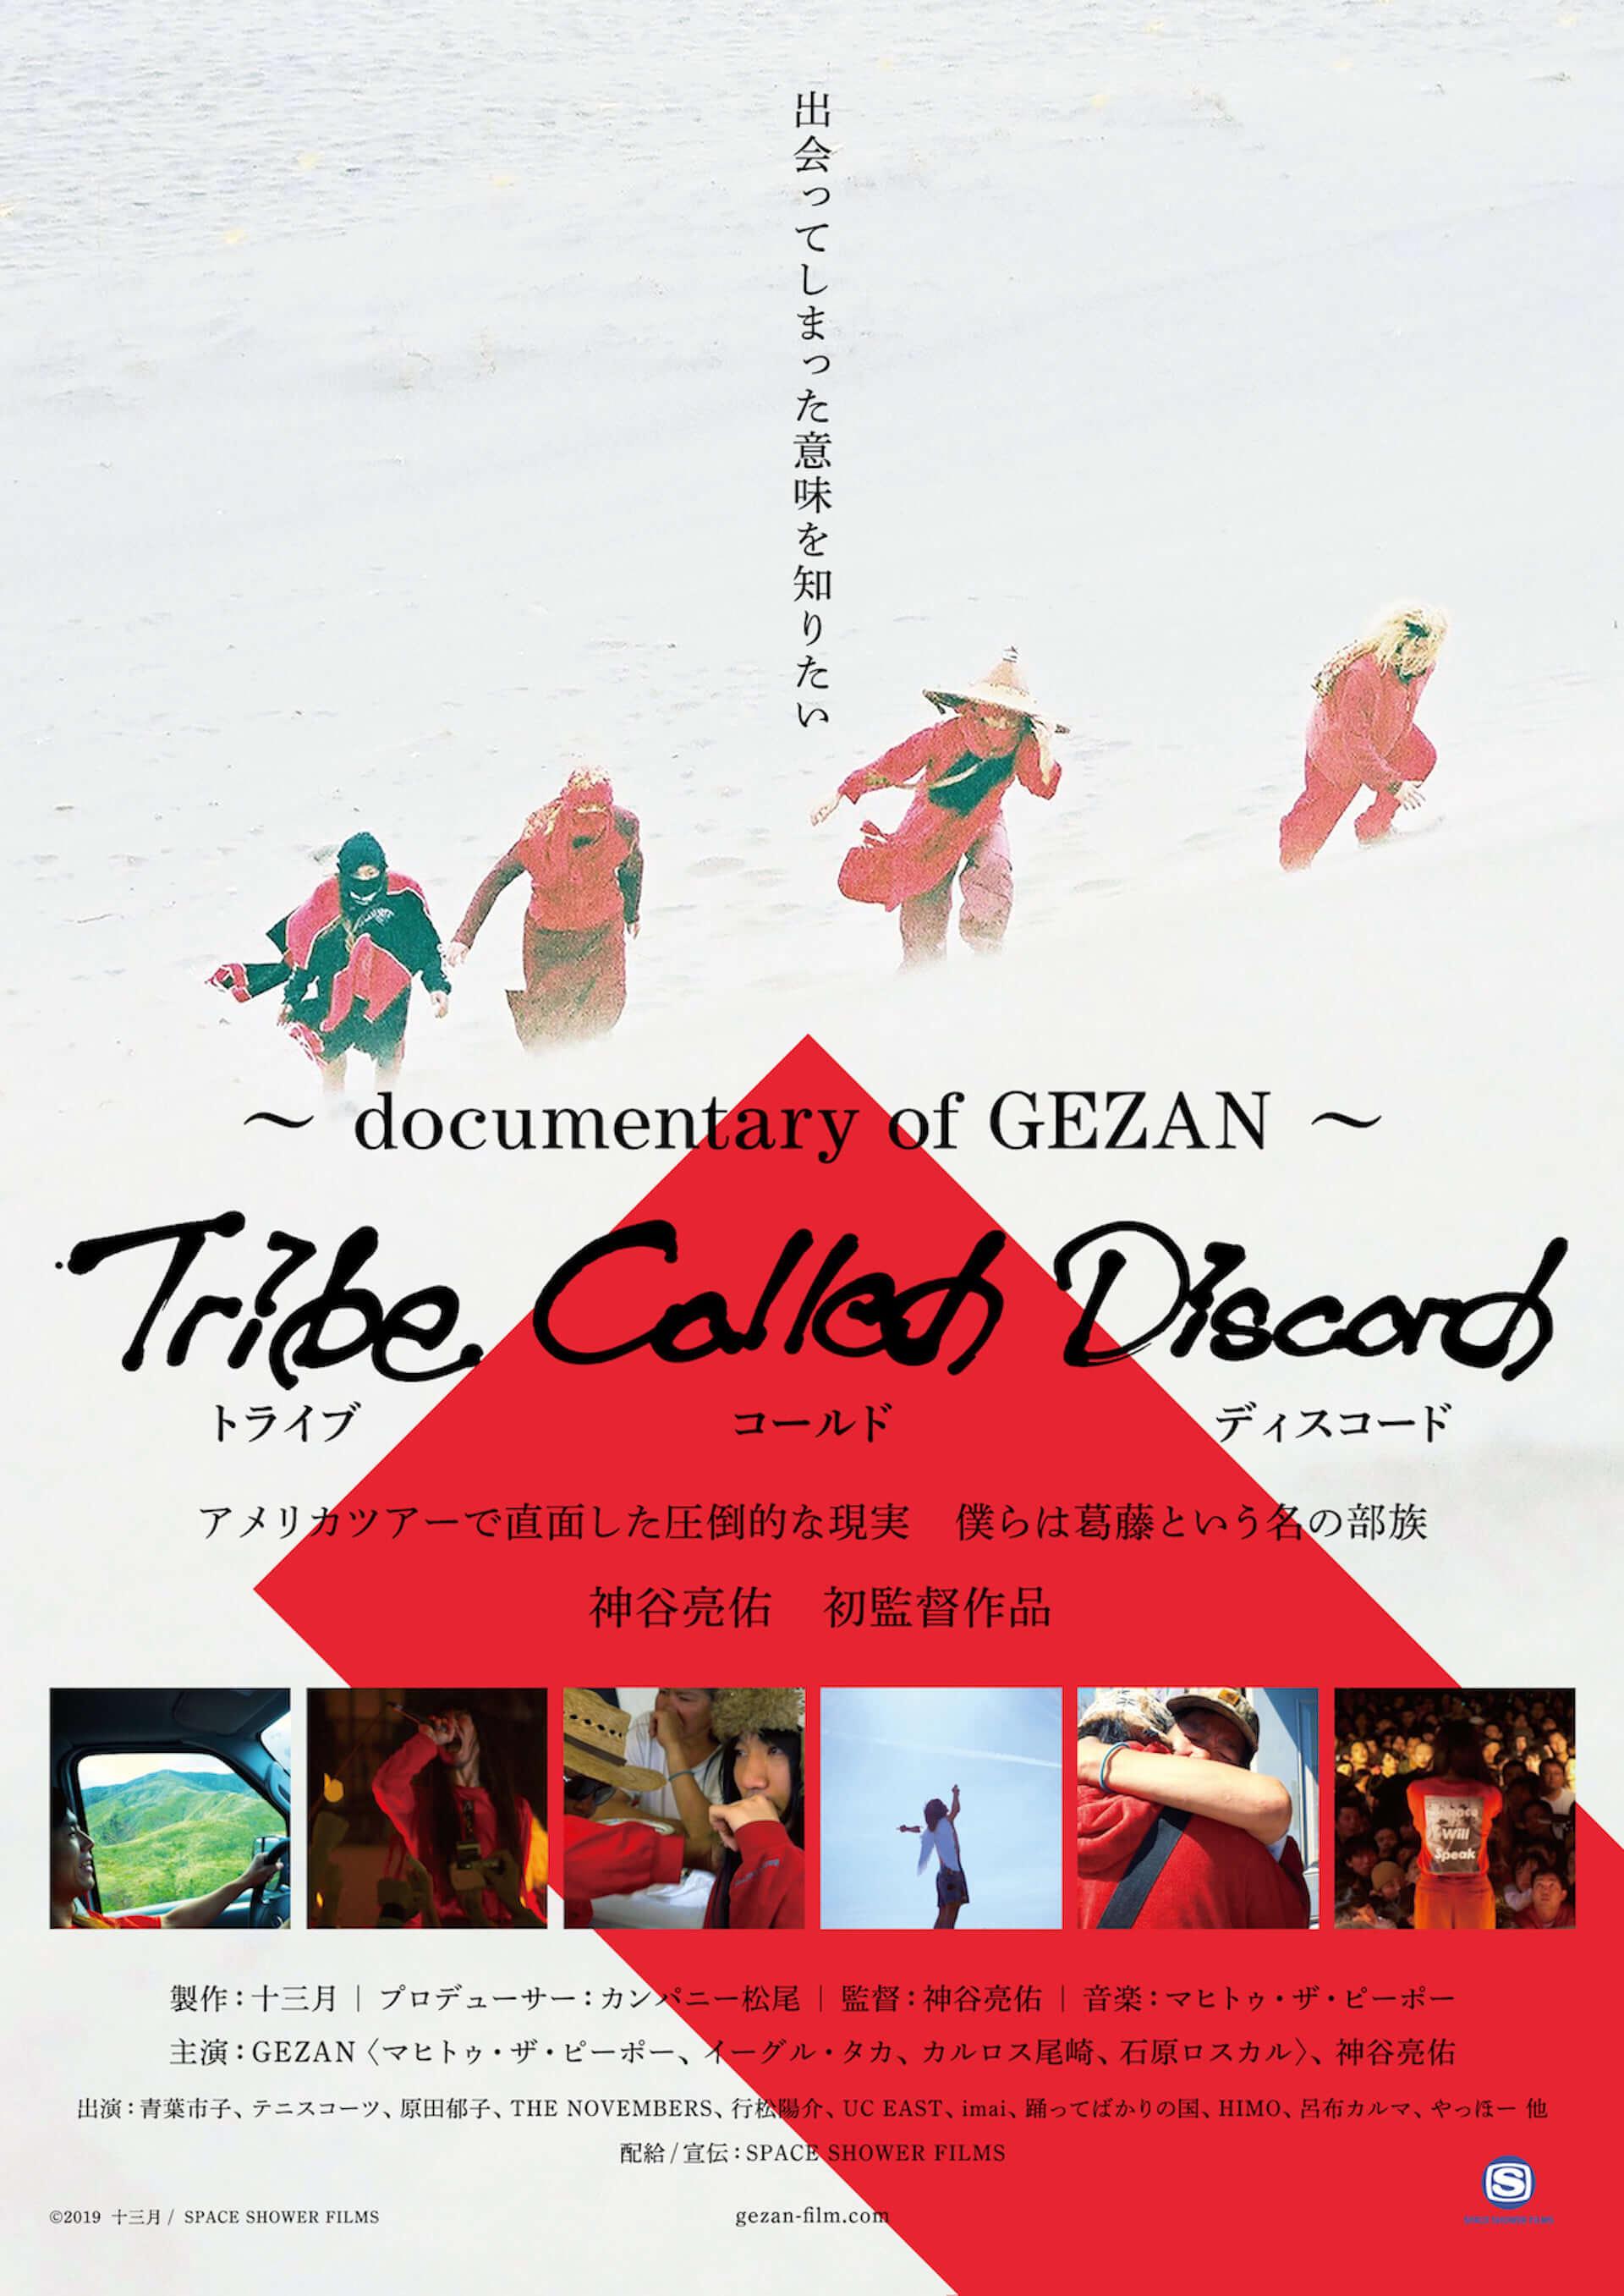 """""""投げ銭上映""""が話題を呼んだ『Tribe Called Discord:Documentary of GEZAN』公開初日からの5日間の軌跡 film190627_gezan_14-1920x2714"""